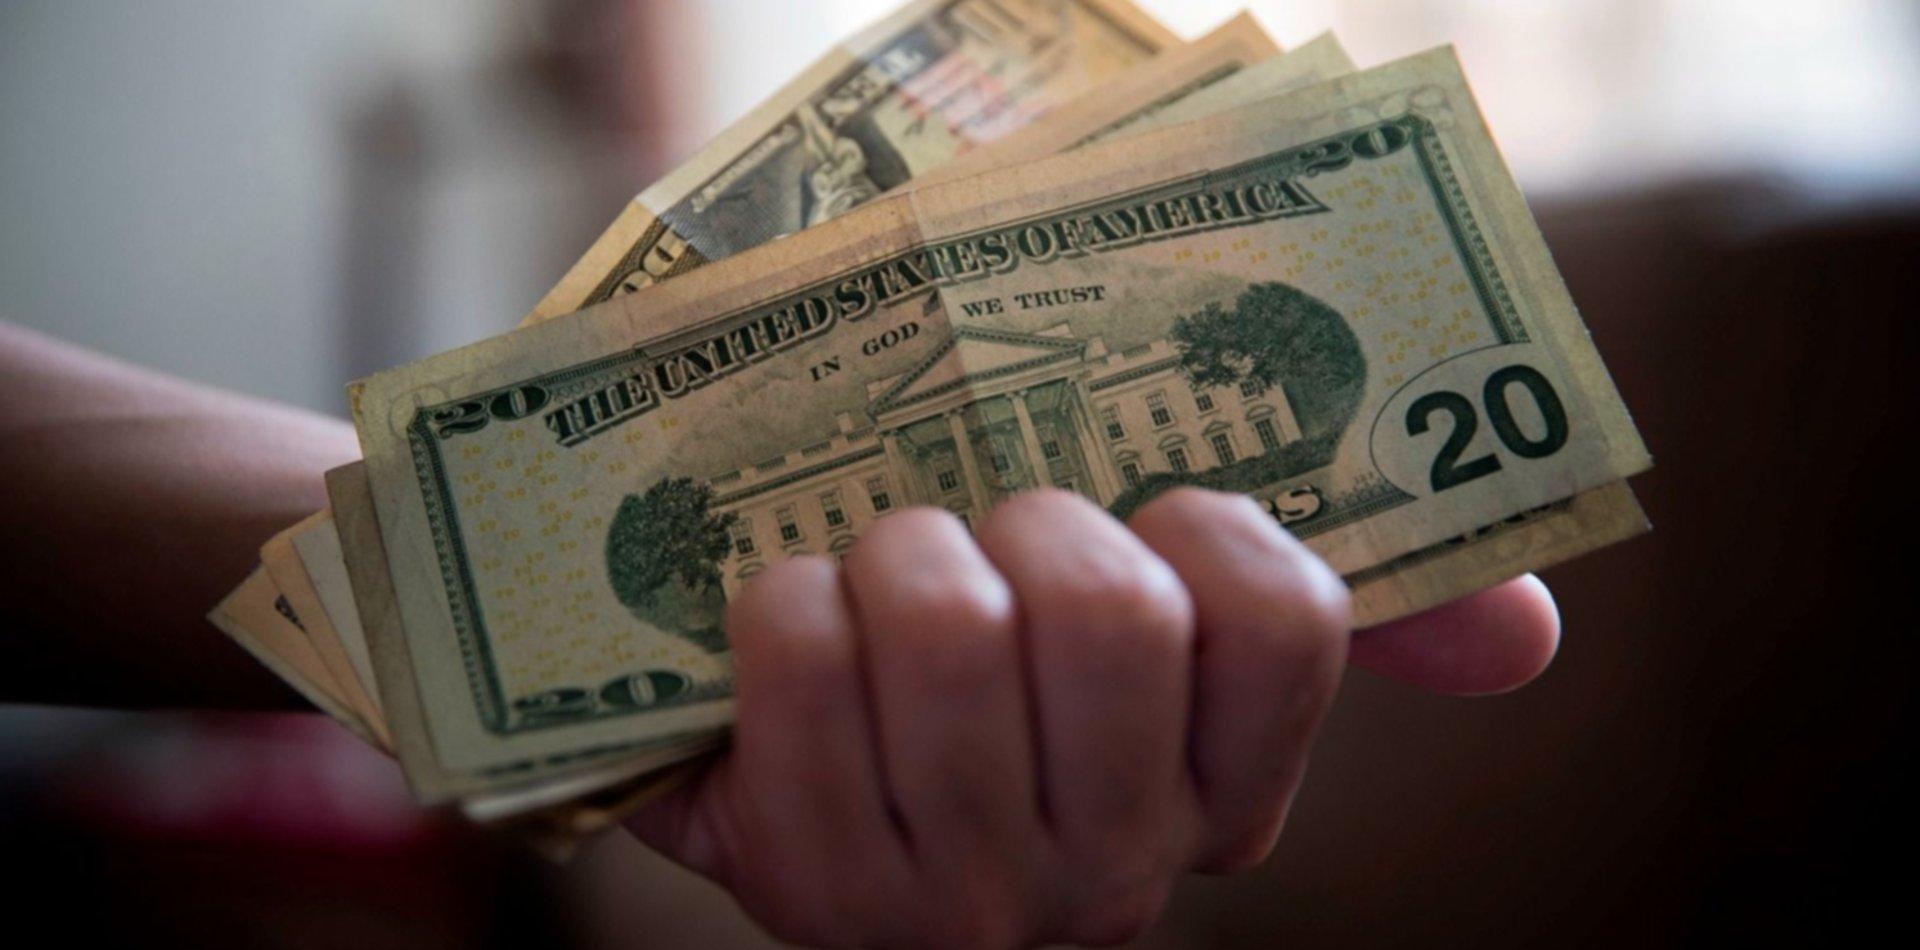 Los bancos vuelven a vender dólares: ¿cómo comprar y quiénes pueden hacerlo?